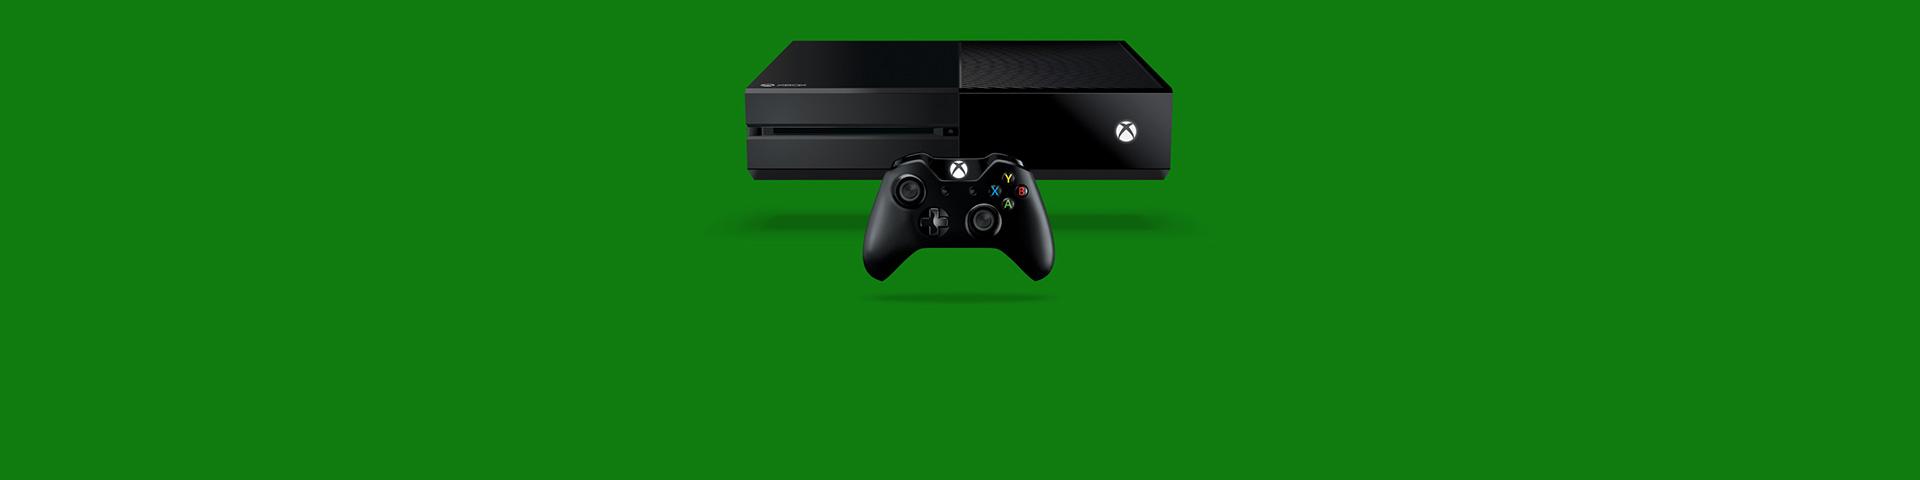 Xbox One -konsoli ja -ohjain, osta uusimpia konsoleita